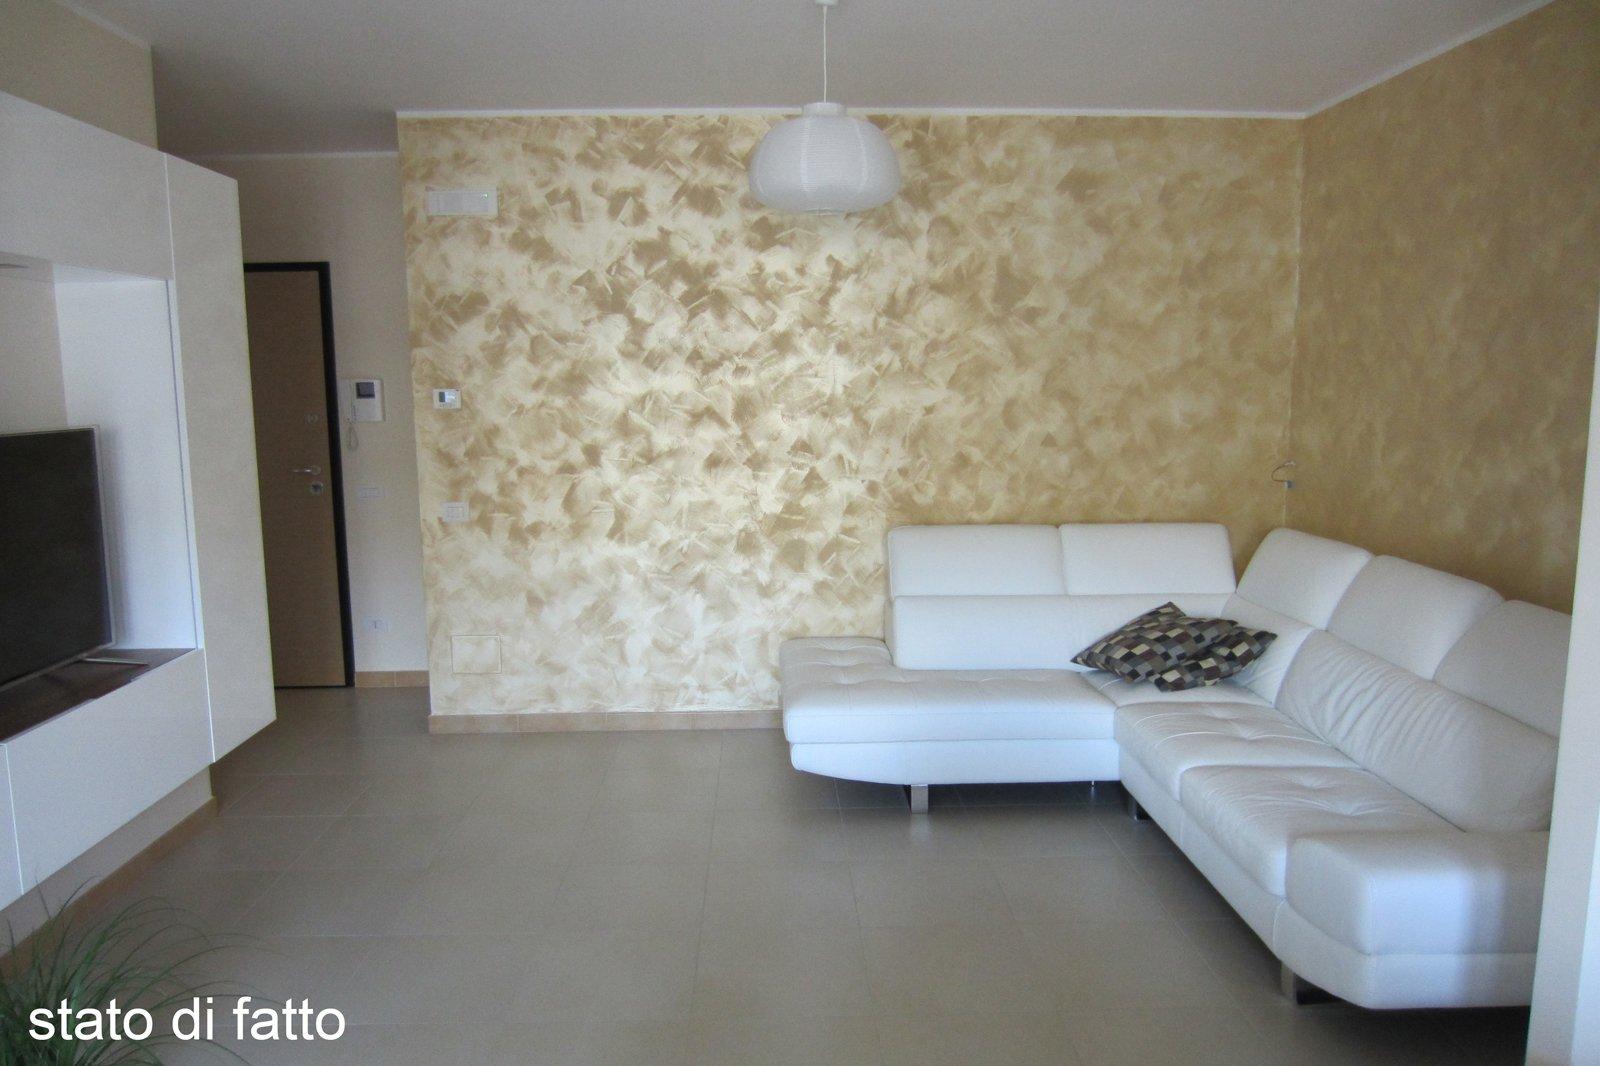 Come abbinare i colori in soggiorno tre soluzioni a confronto cose di casa - Colori cucina pareti ...